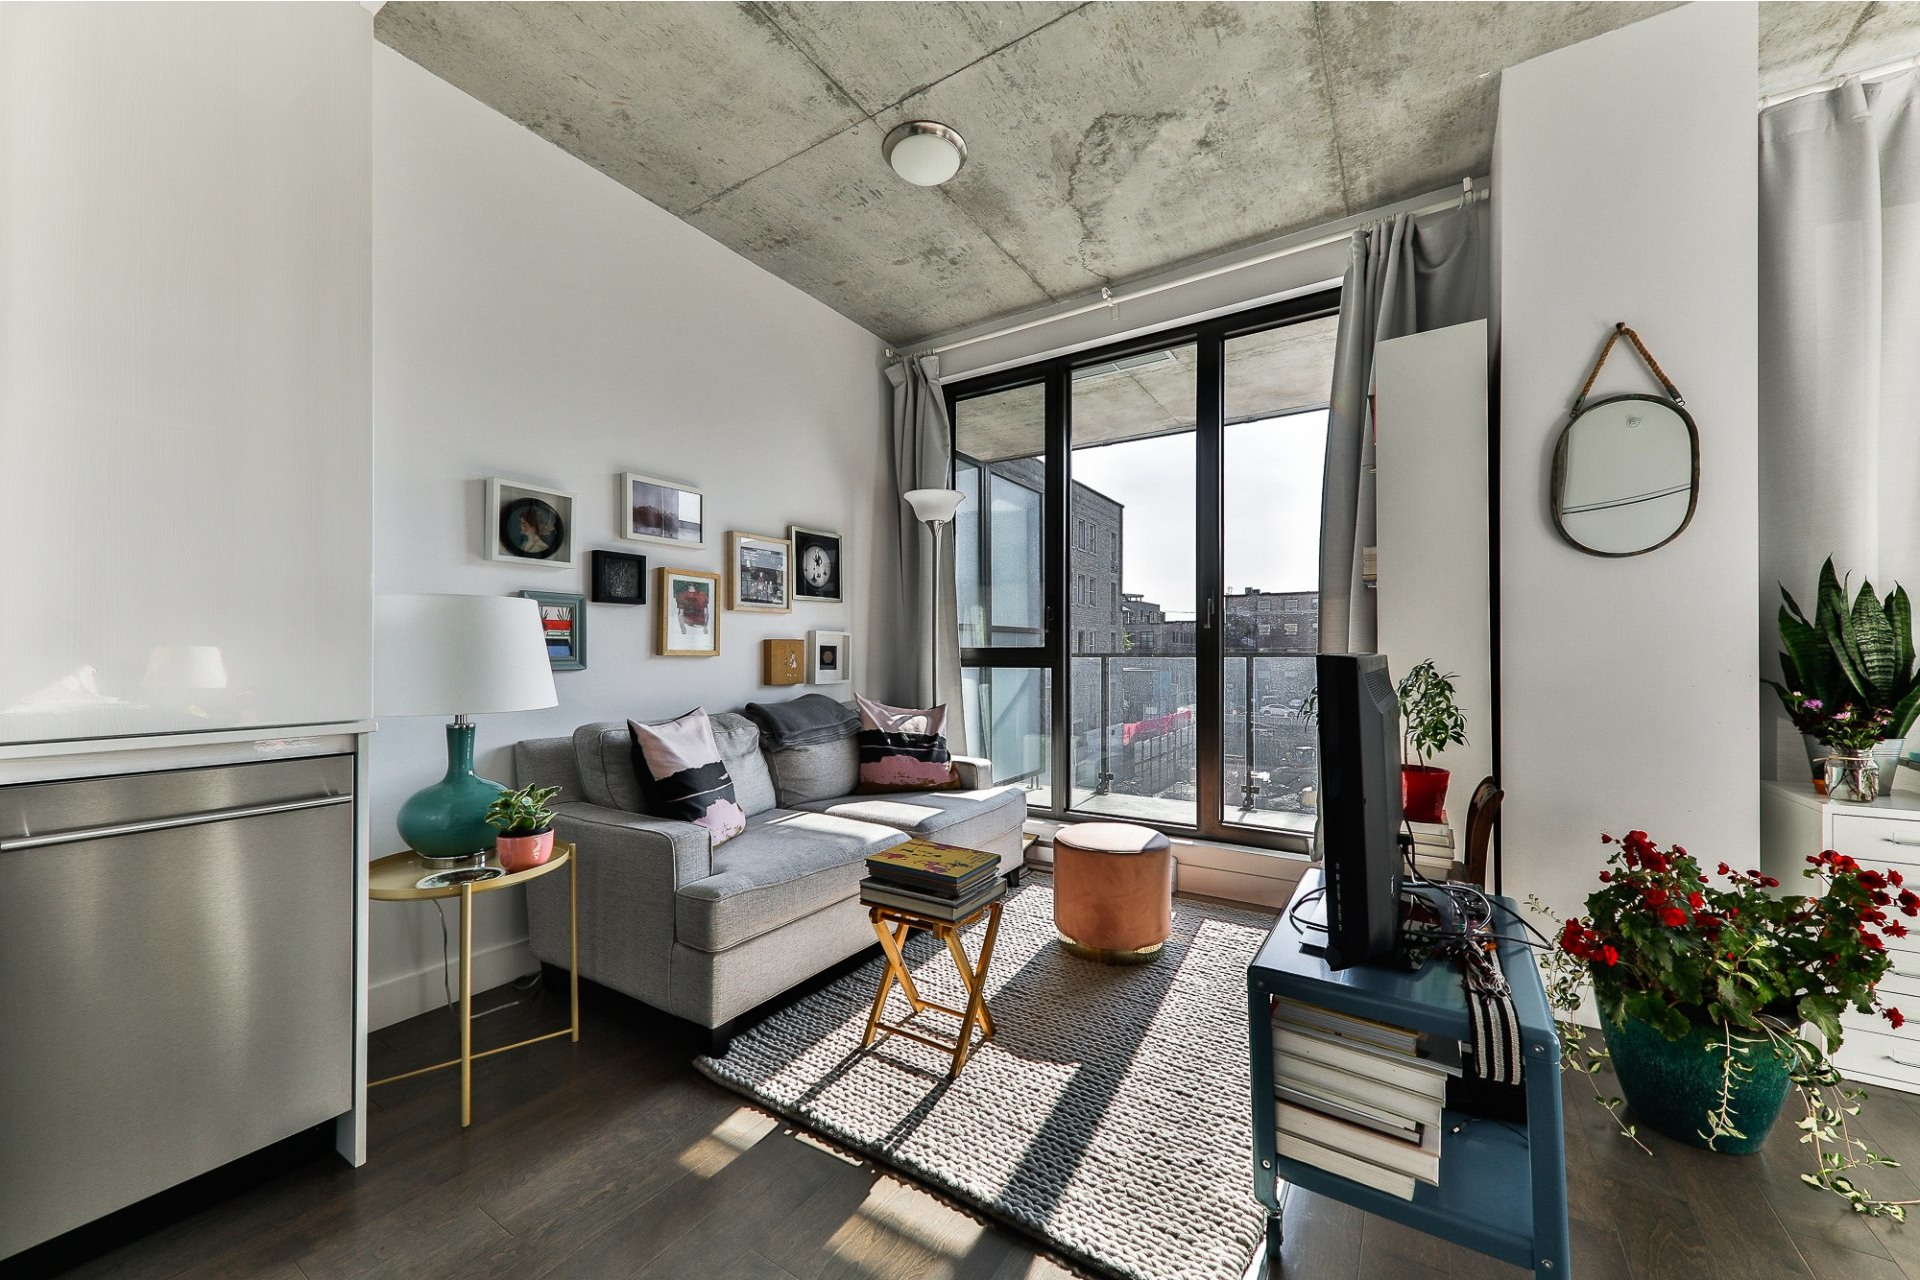 image 6 - Appartement À vendre Villeray/Saint-Michel/Parc-Extension Montréal  - 4 pièces